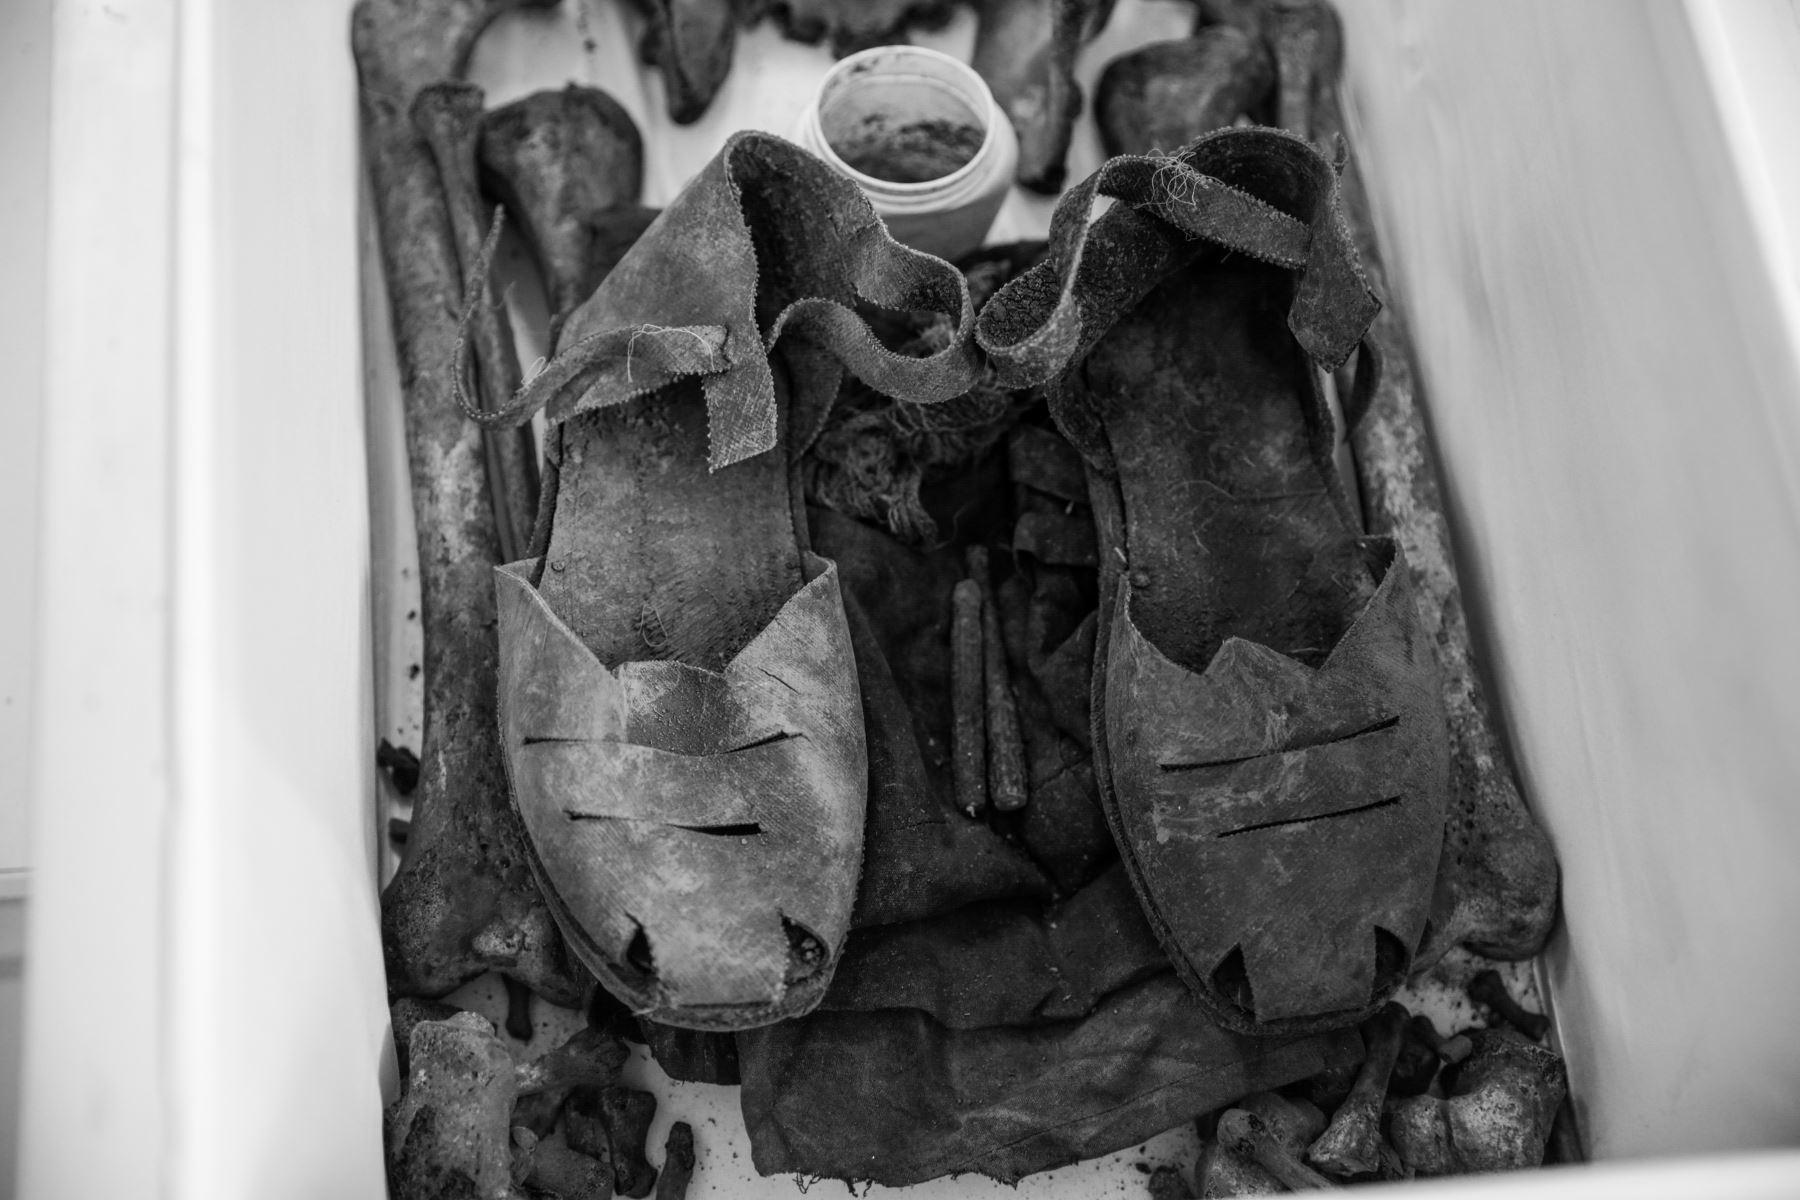 Además de huesos, se encontraron también ropas, calzado y hasta utensilios de las víctimas. Foto: ANDINA/Jack Ramón